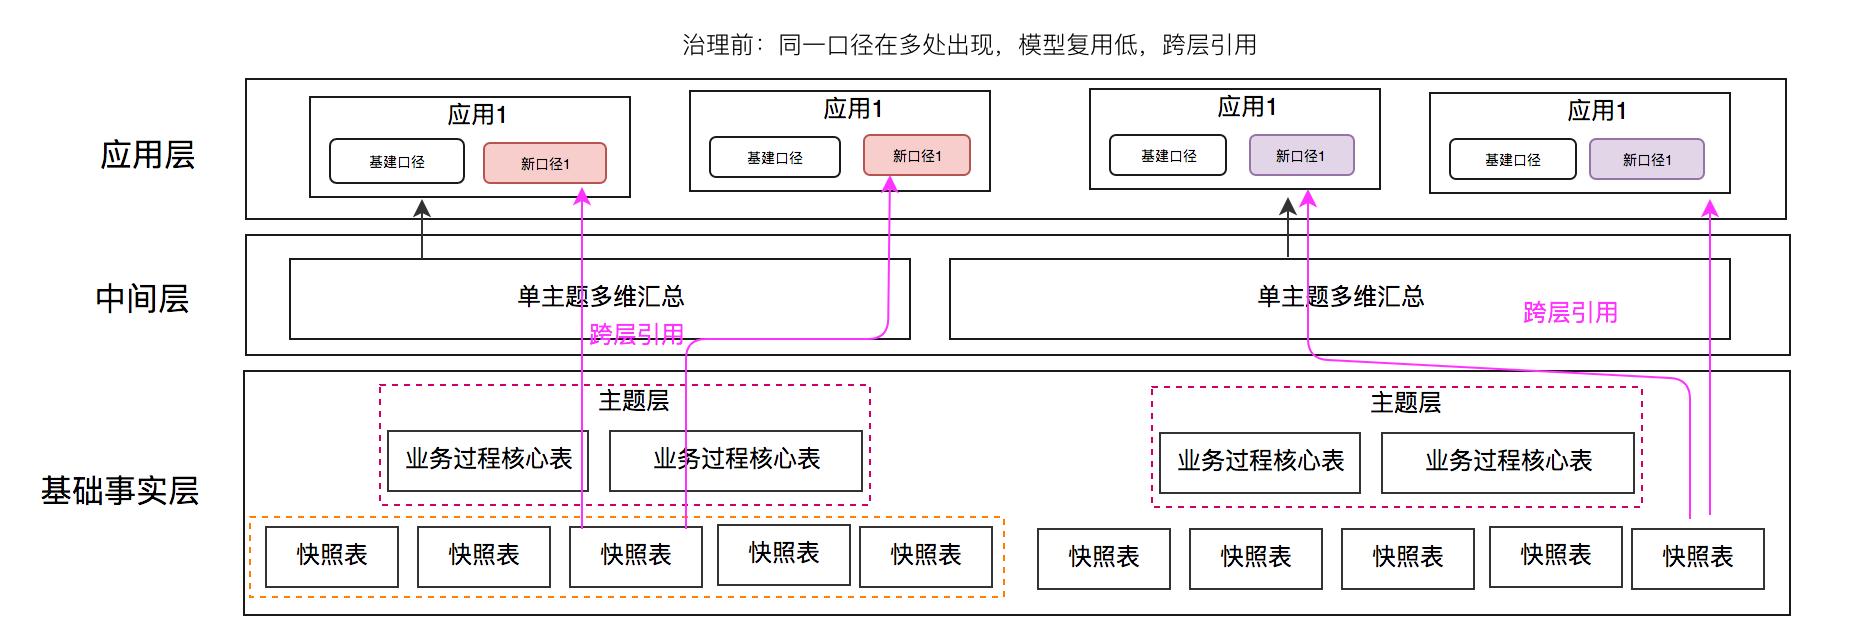 治理前模型架构